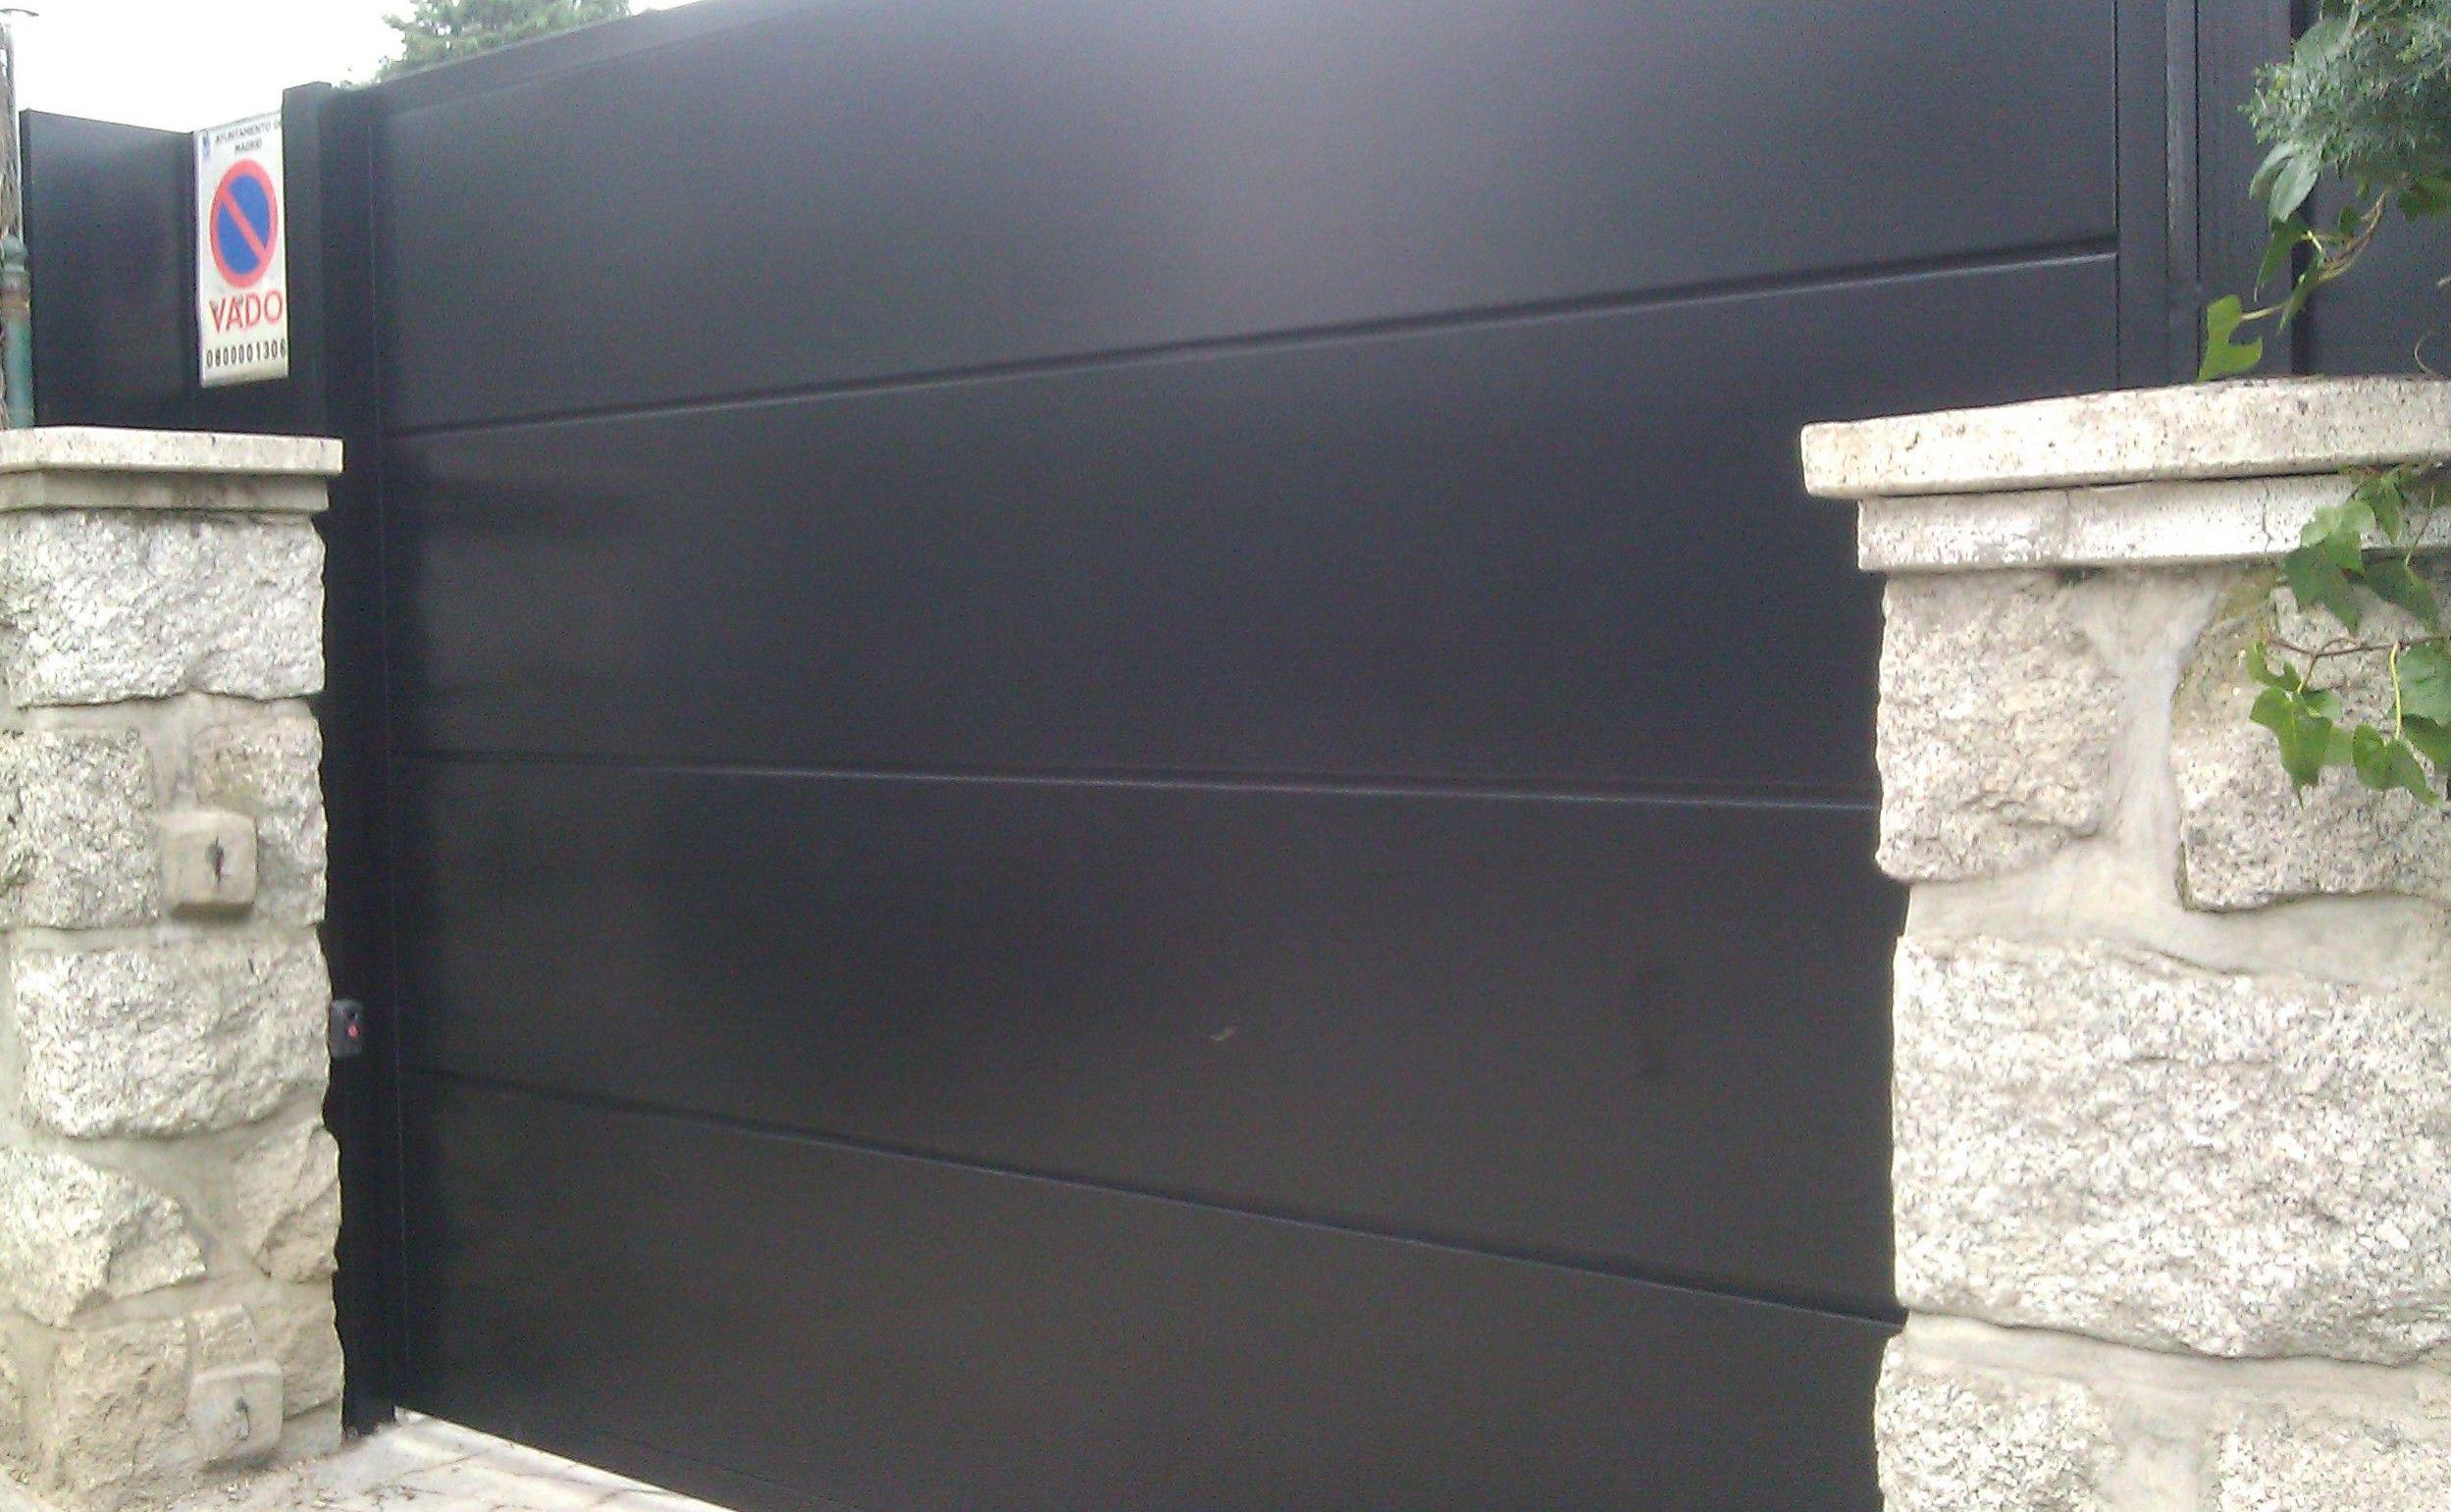 P37 - Puerta de paneles de chapa en horizontal.Una sola hoja batiente